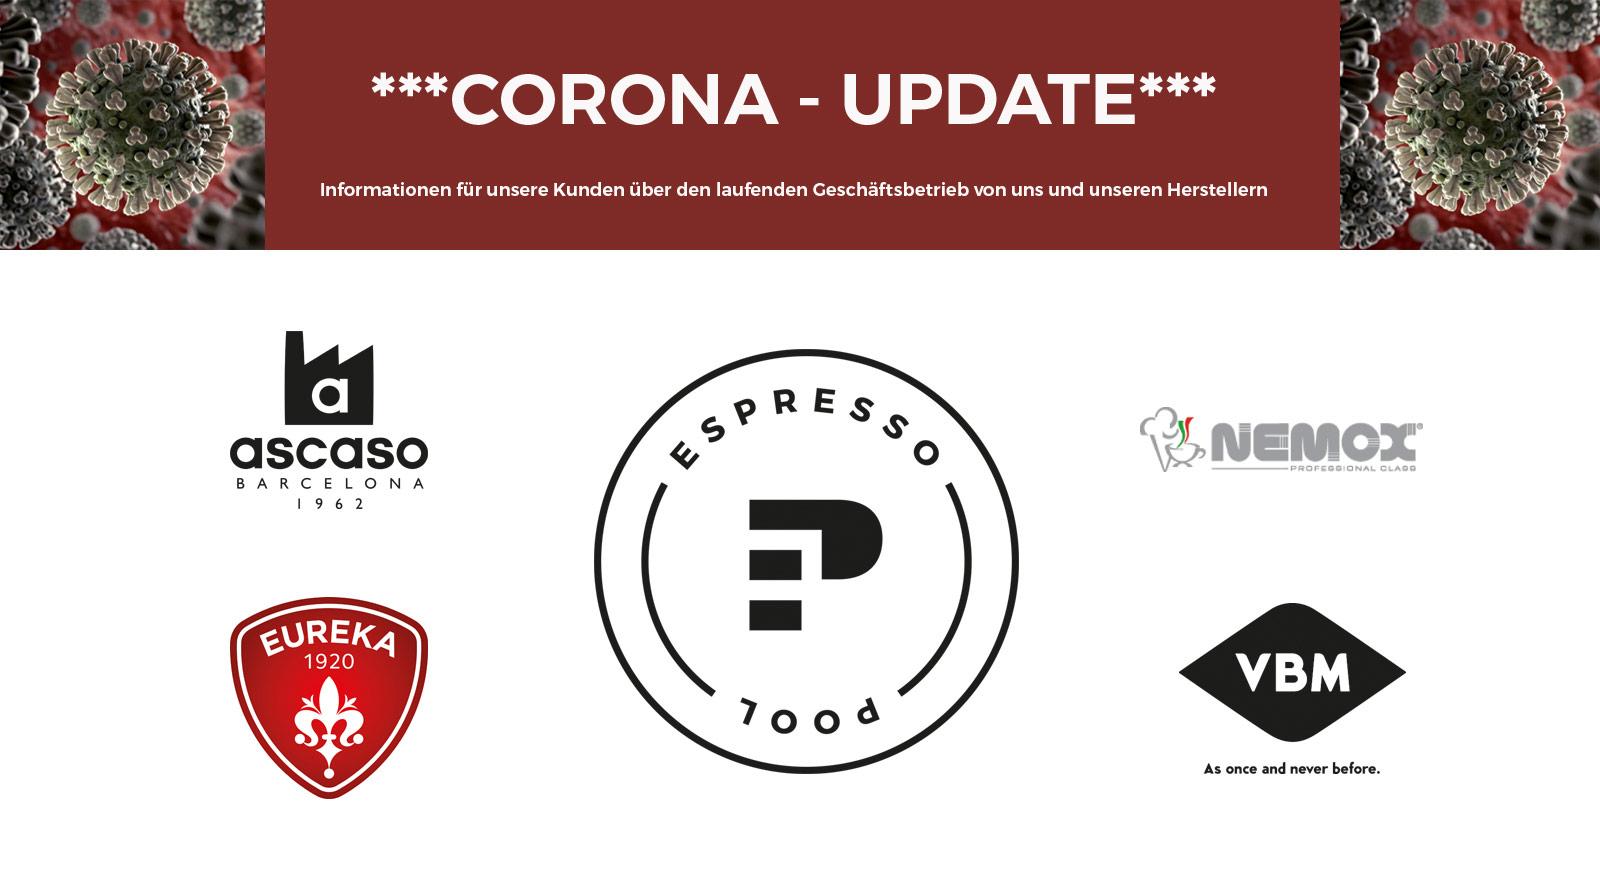 Corona News 15.05.2020